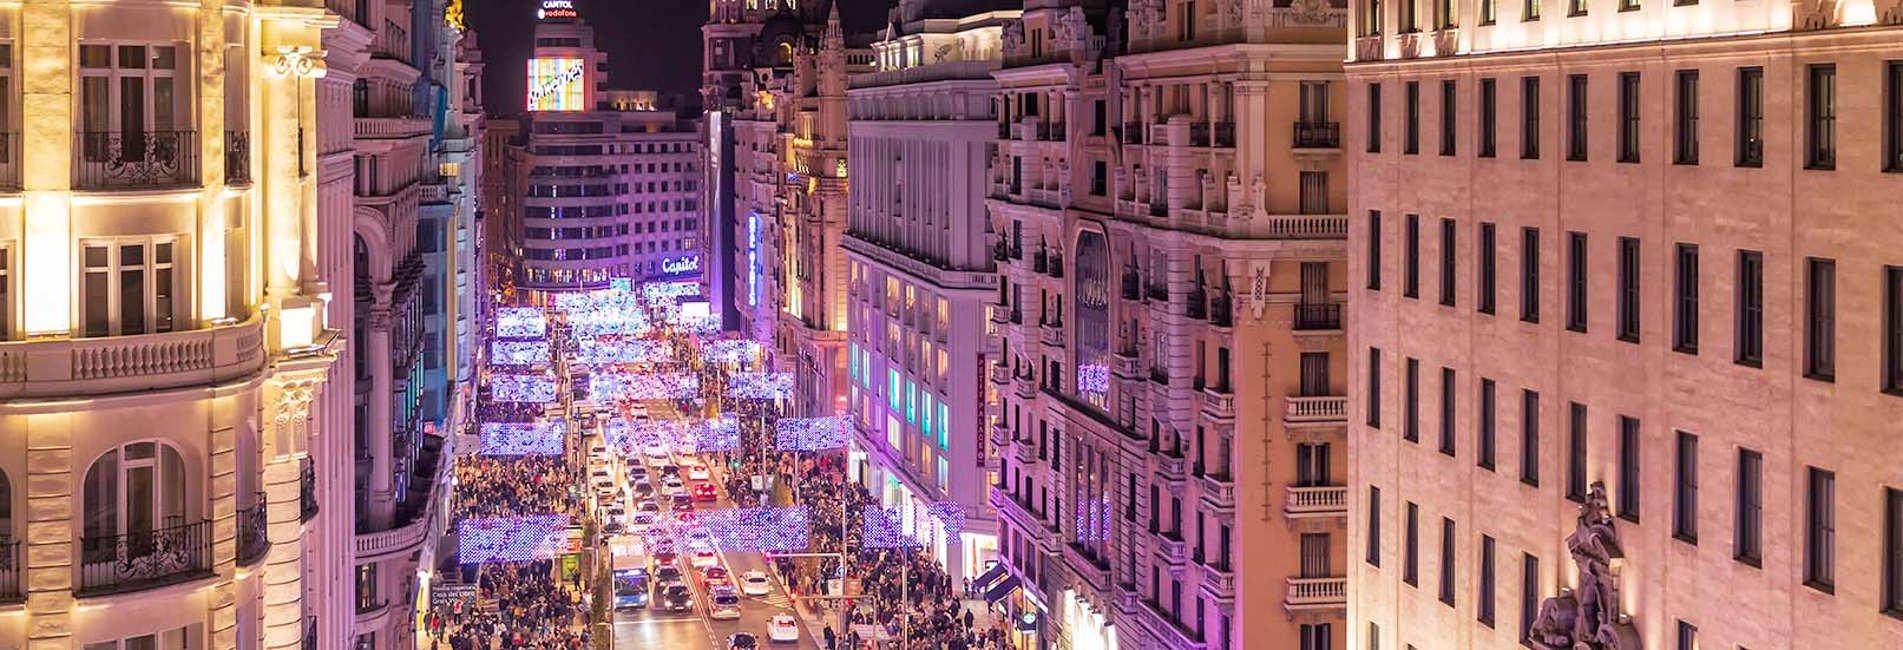 Navidad en Madrid 2018-2019. Calle Gran Vía.